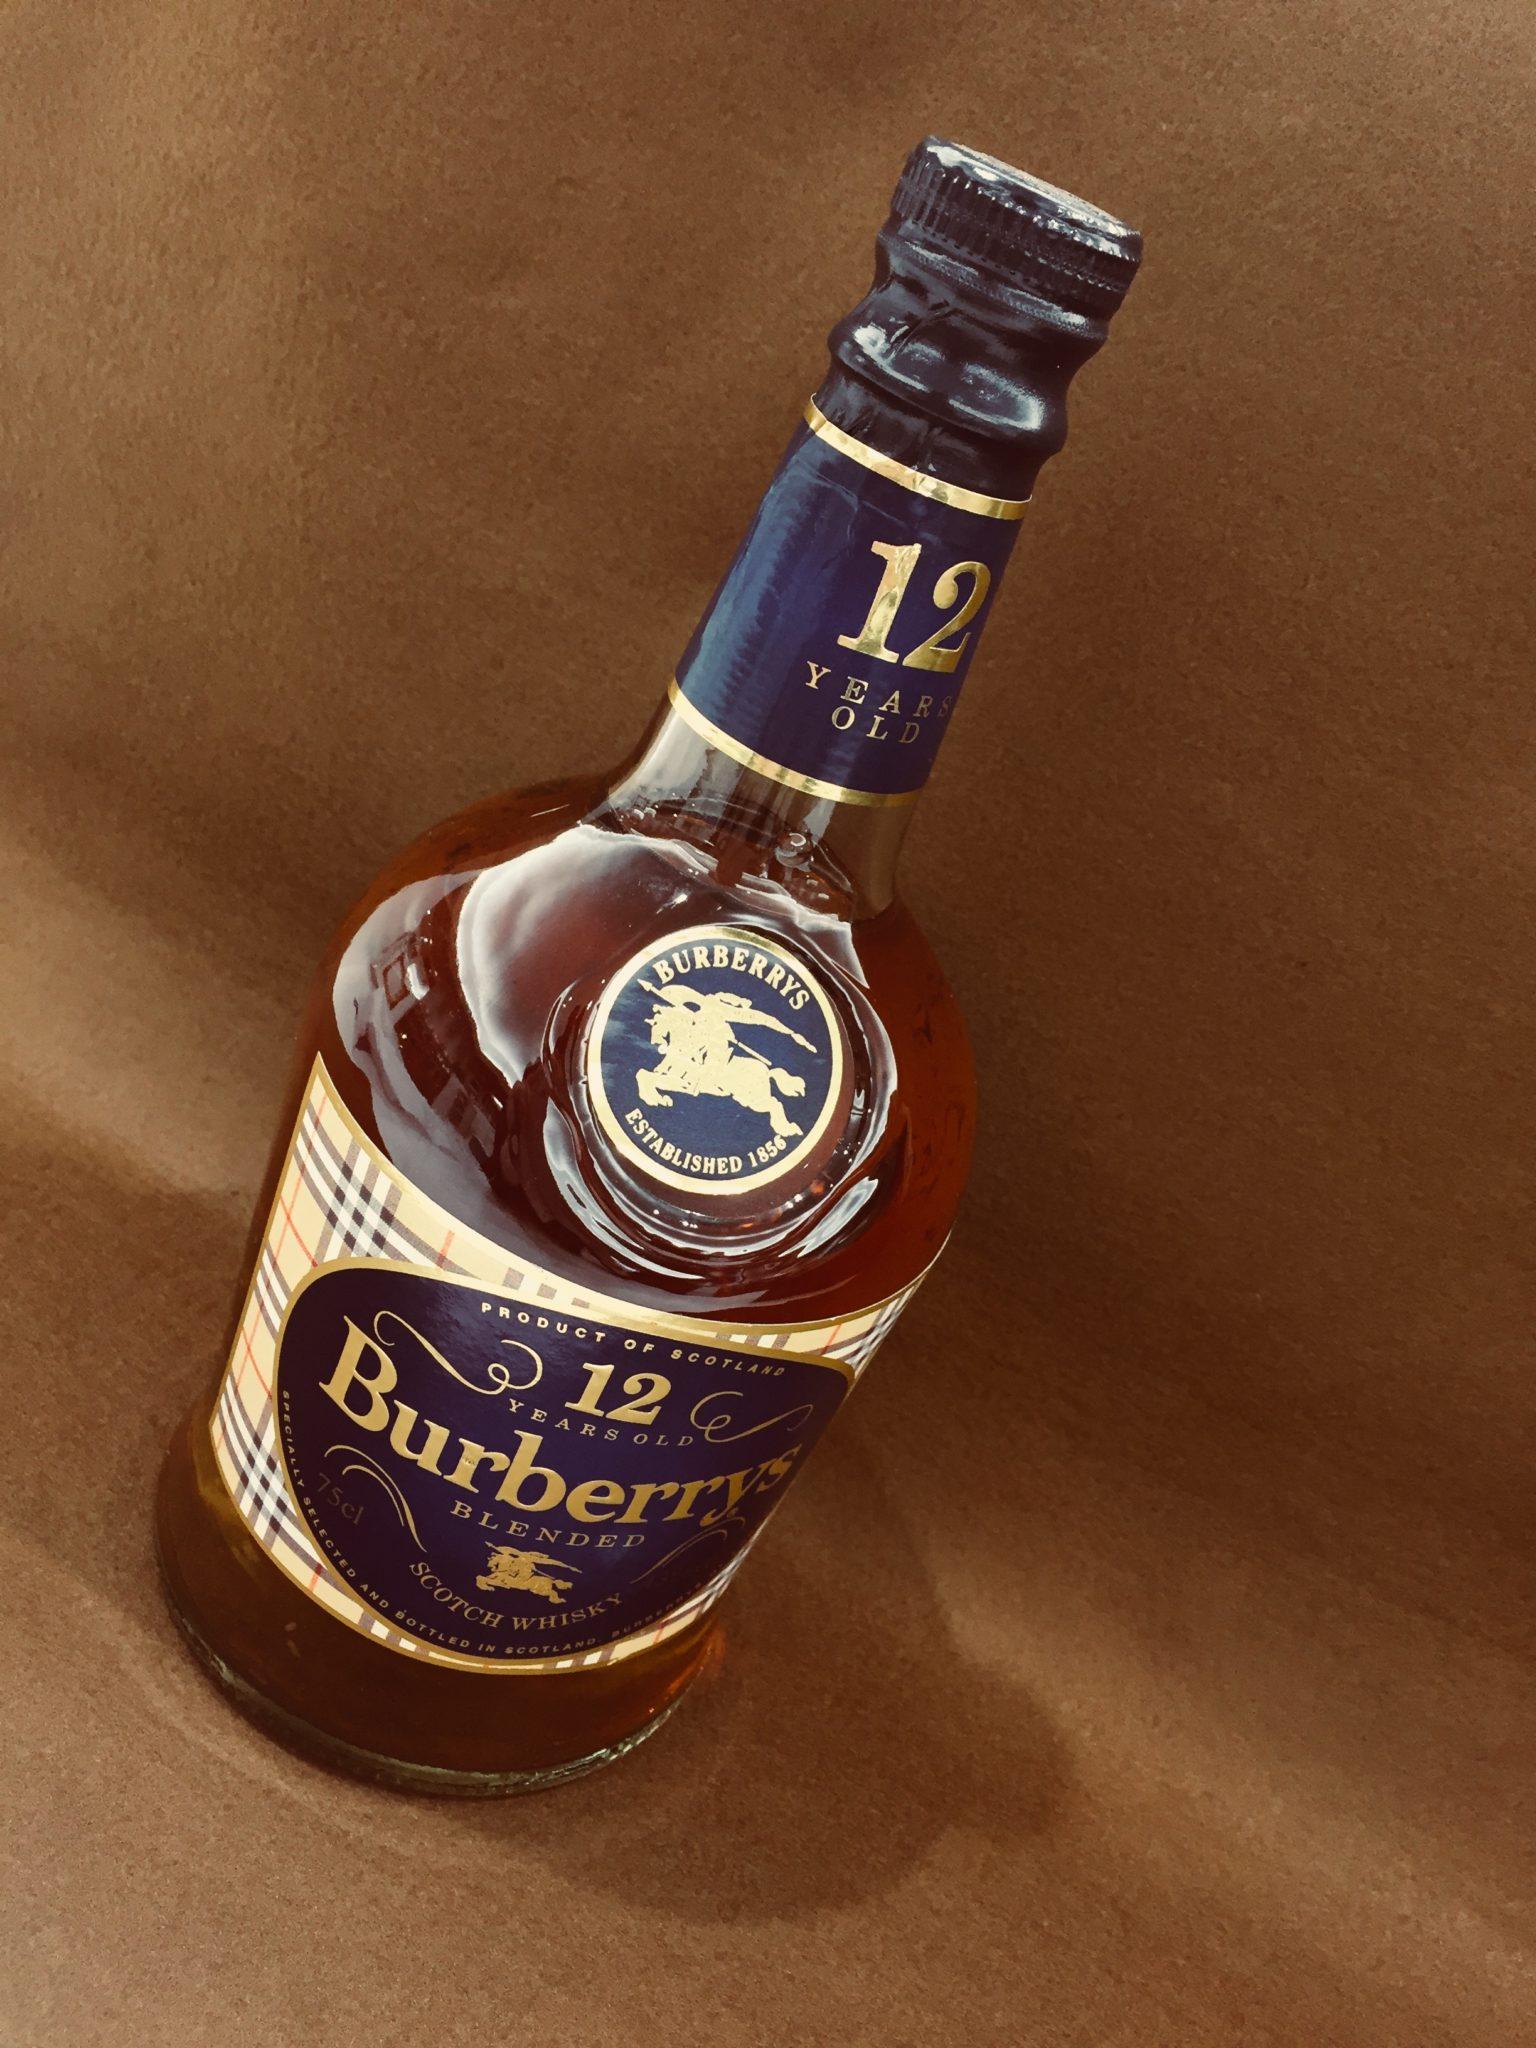 【盛岡 Burberrys ウイスキー 販売】Burberrys バーバリー12年 スコッチウイスキー お酒 洋酒